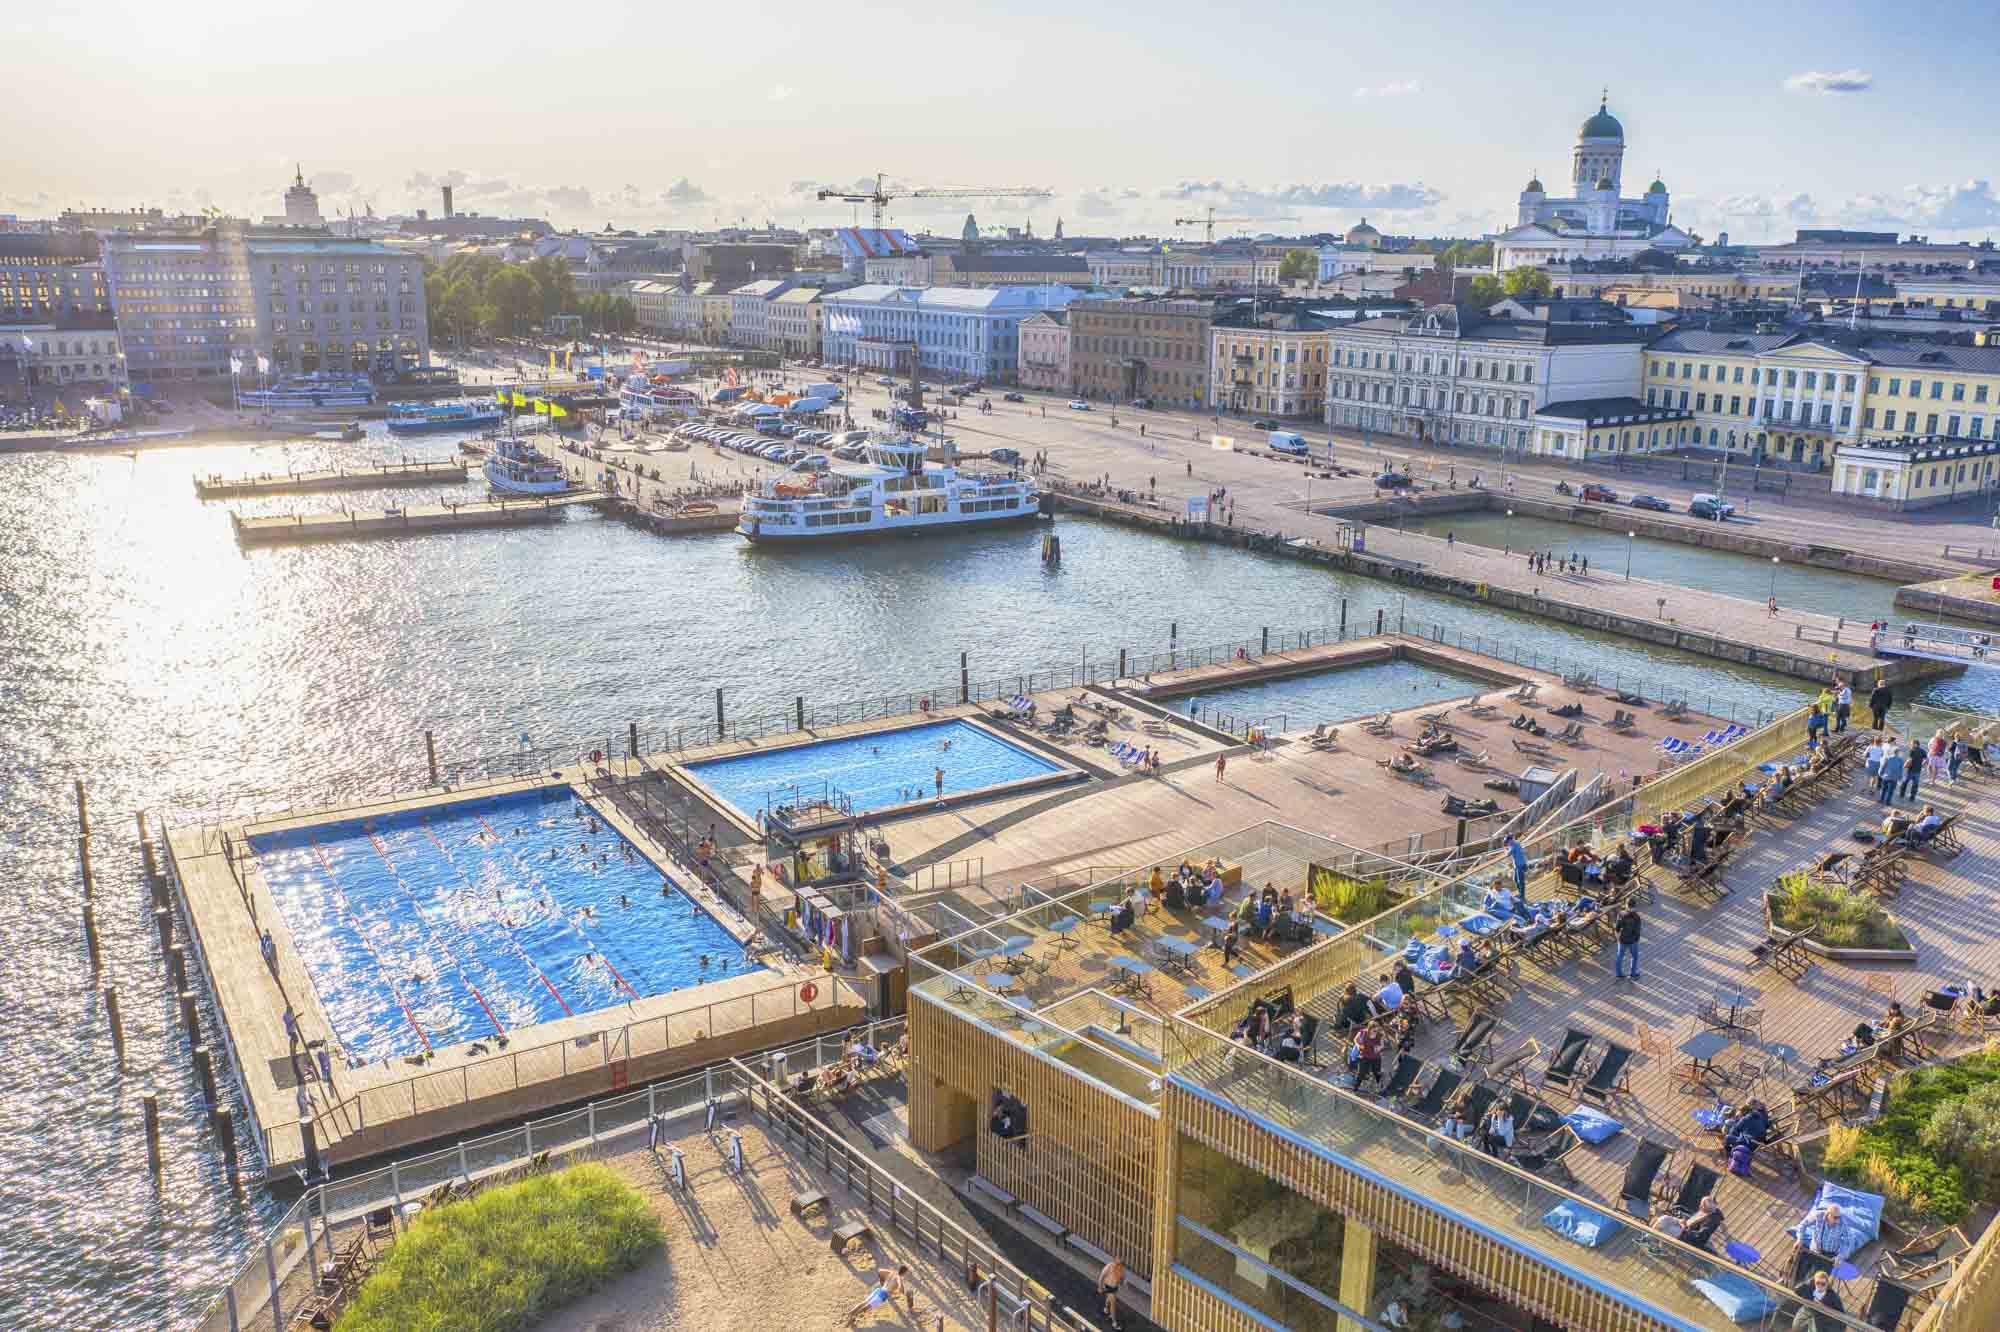 Finnland, Helsinki, Allas Sea Pool, Stadtansciht, Luftaufnahme